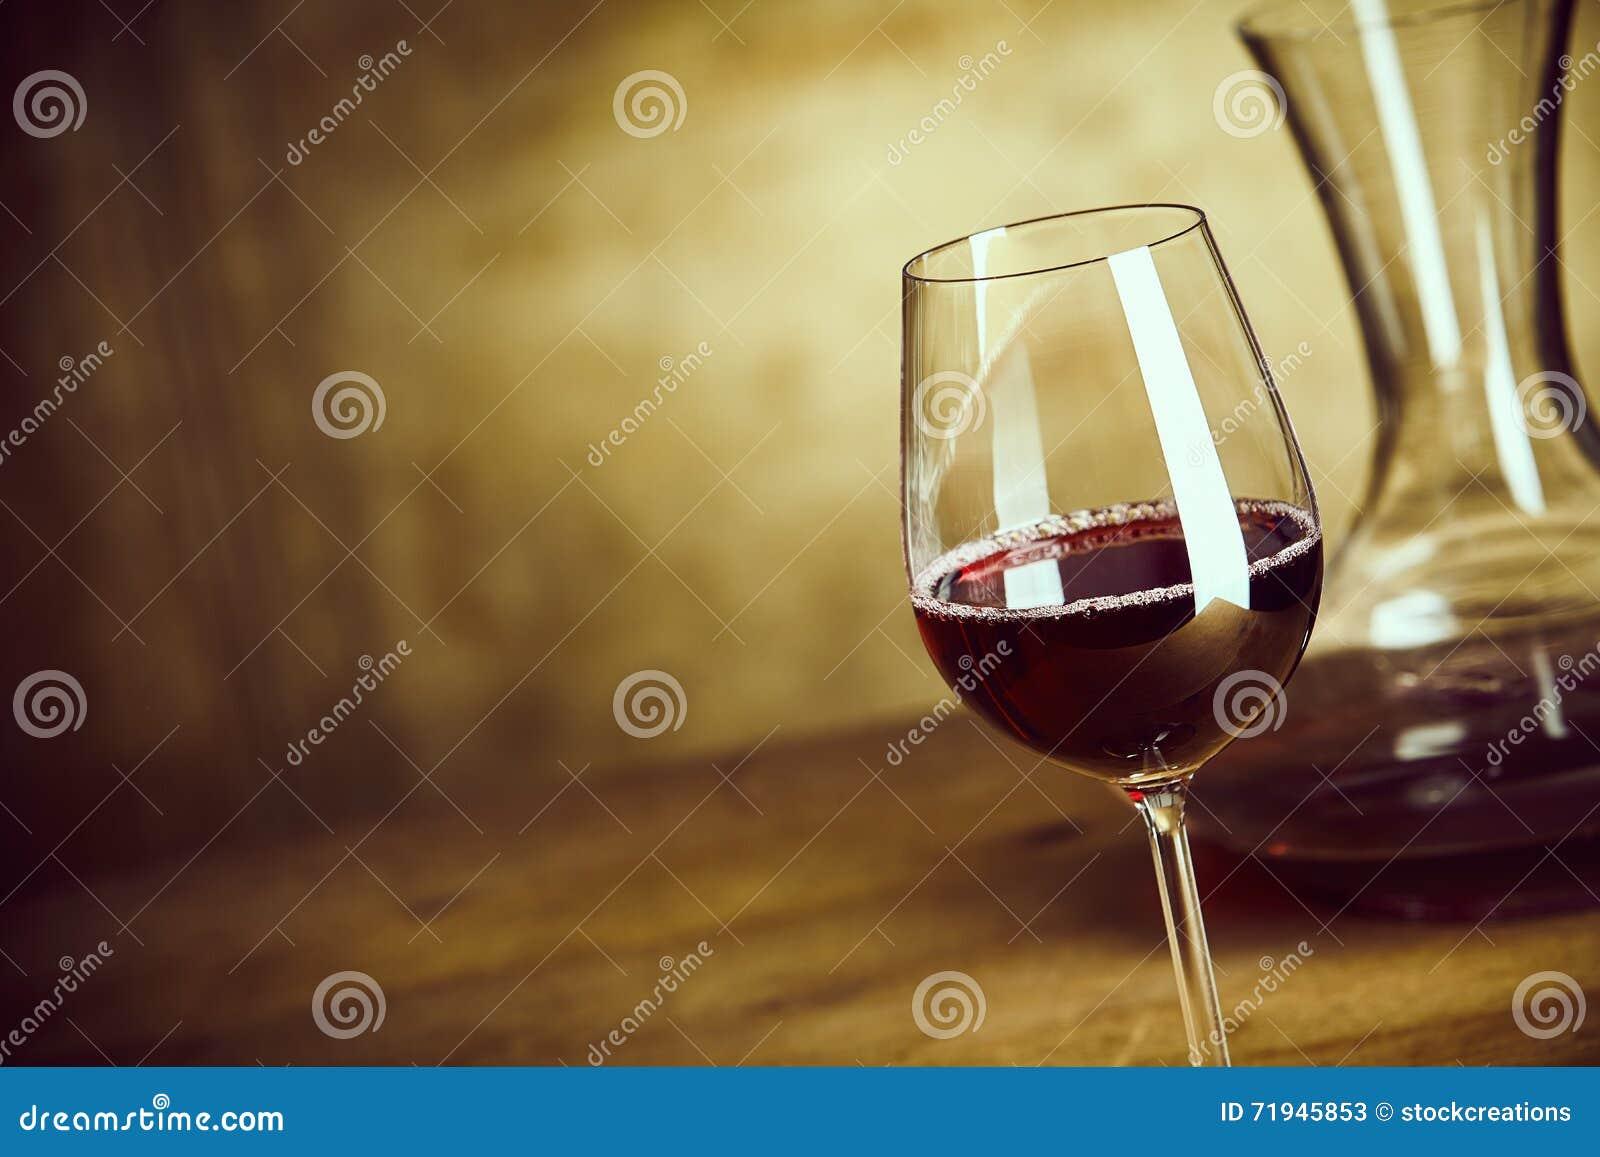 Одиночное стекло красного вина наряду с графинчиком